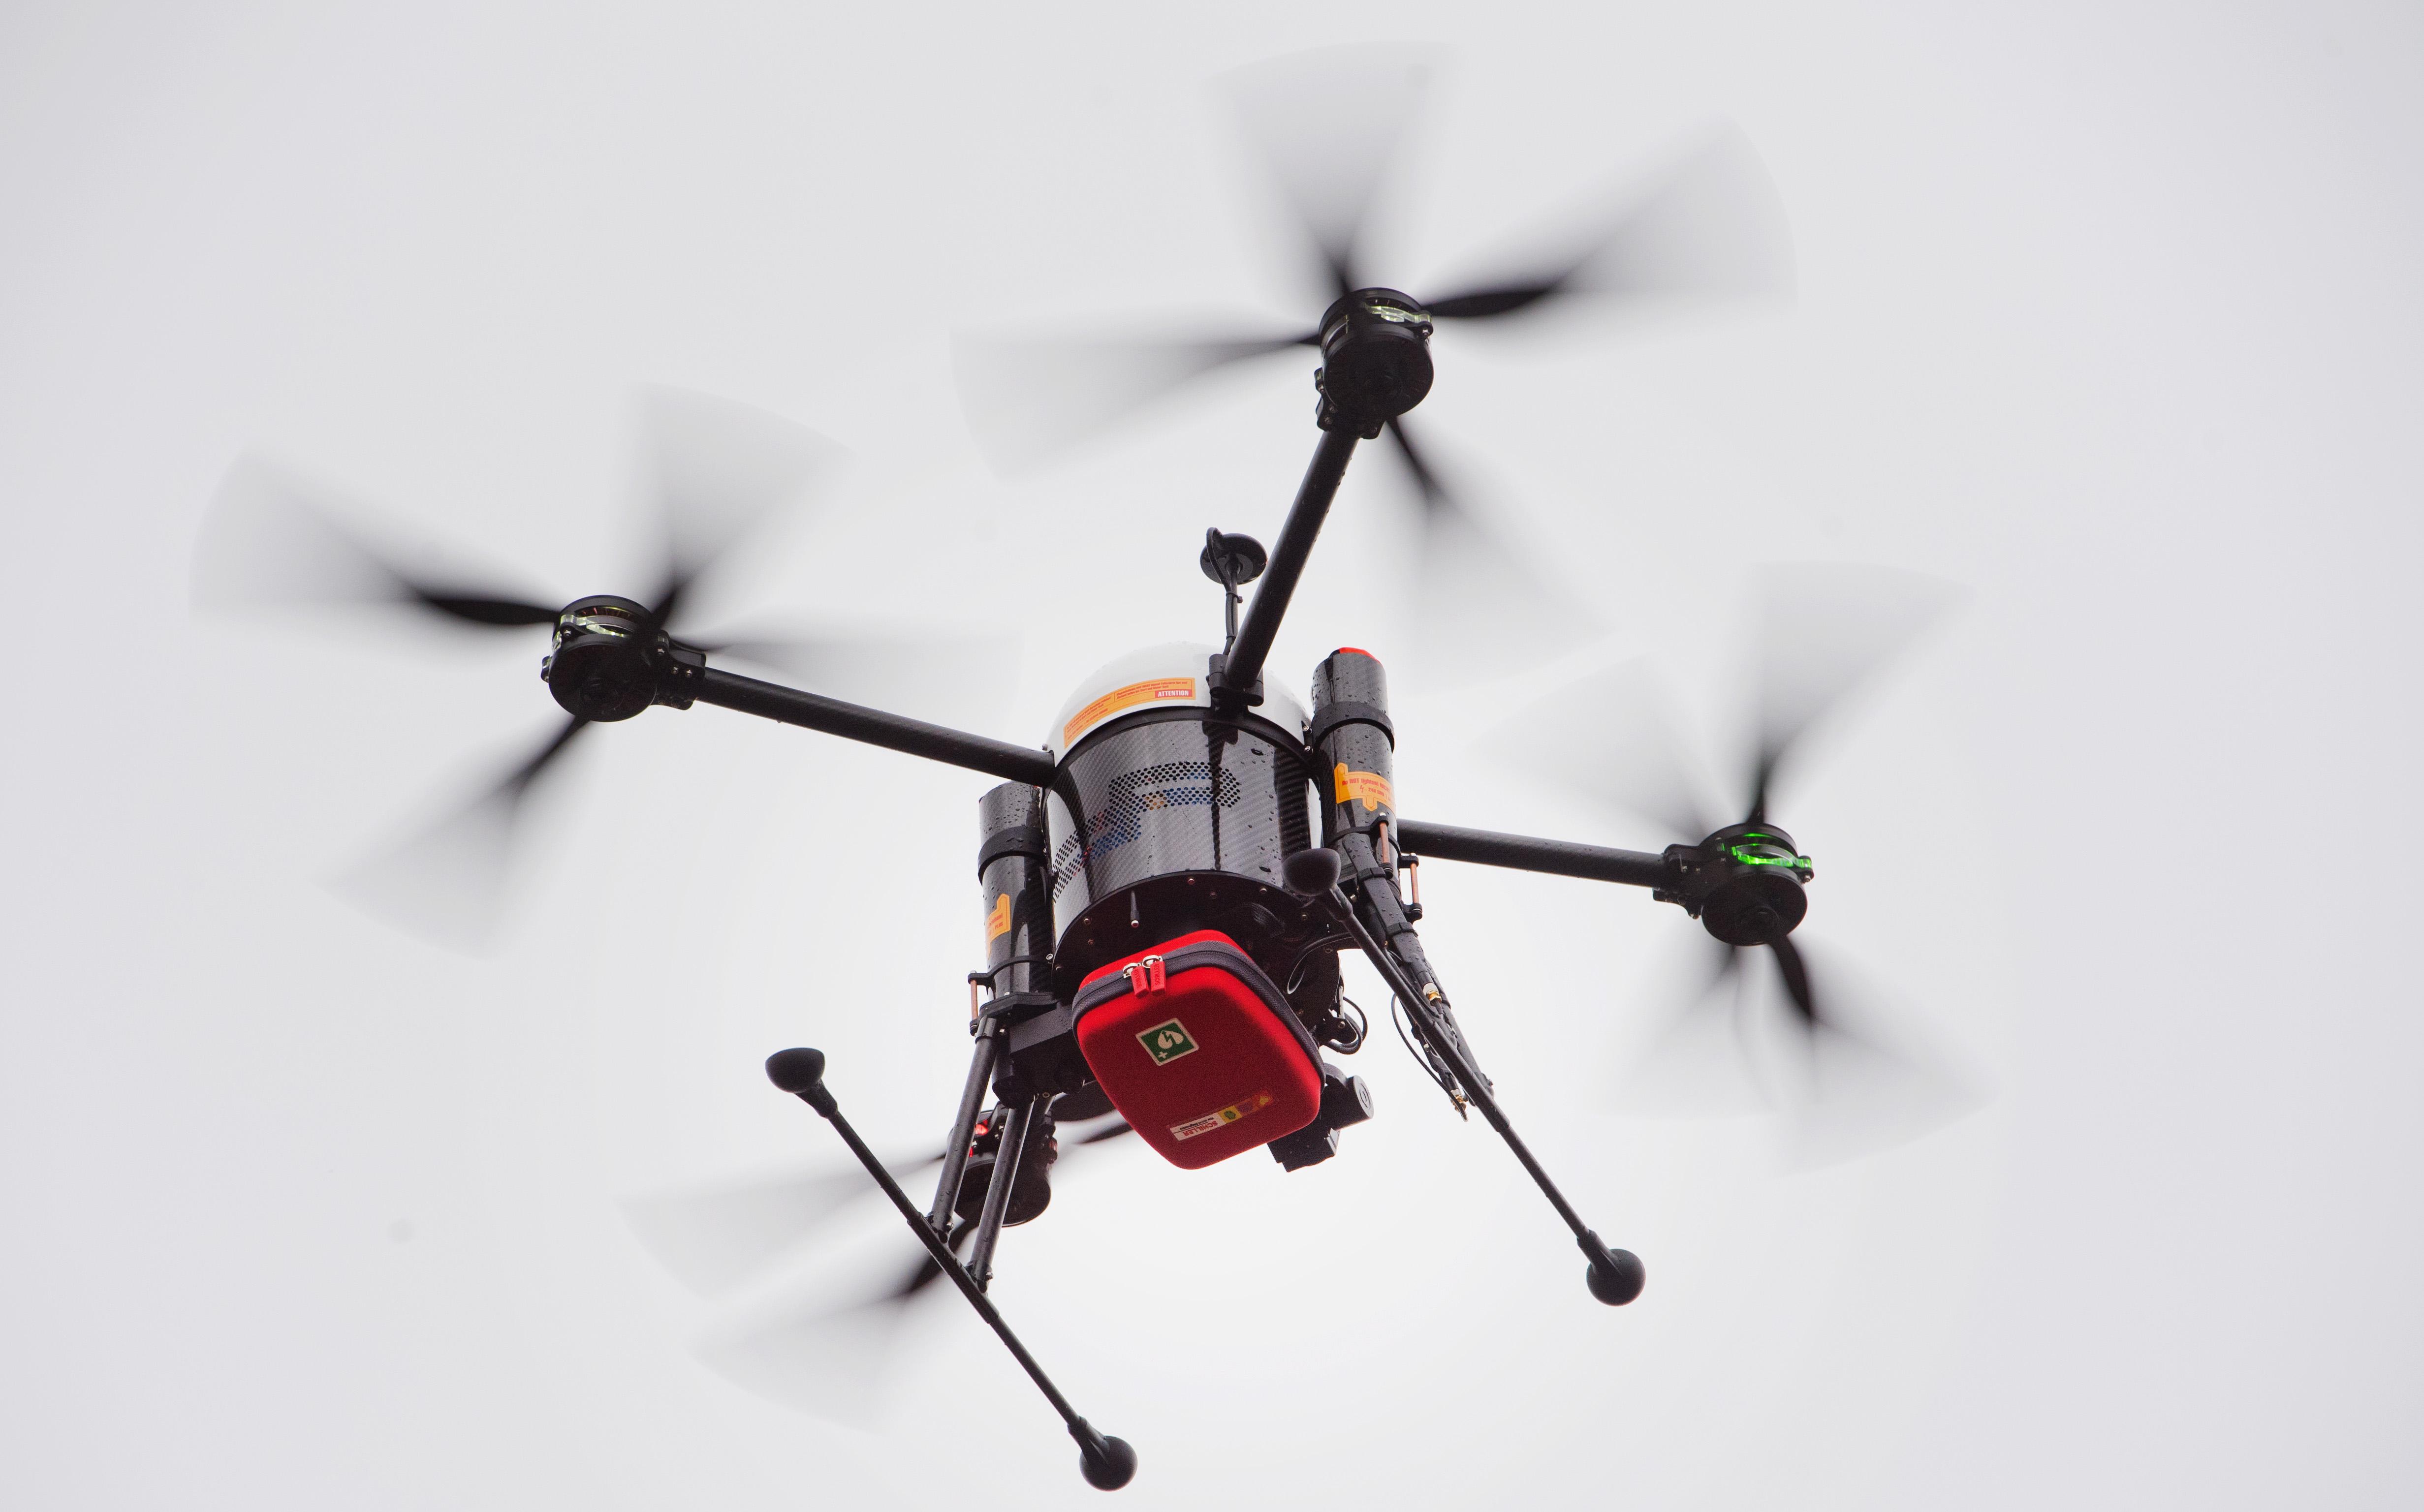 Rejtélyes drónok repülnek a coloradói préri felett, senki sem tudja, kihez tartoznak